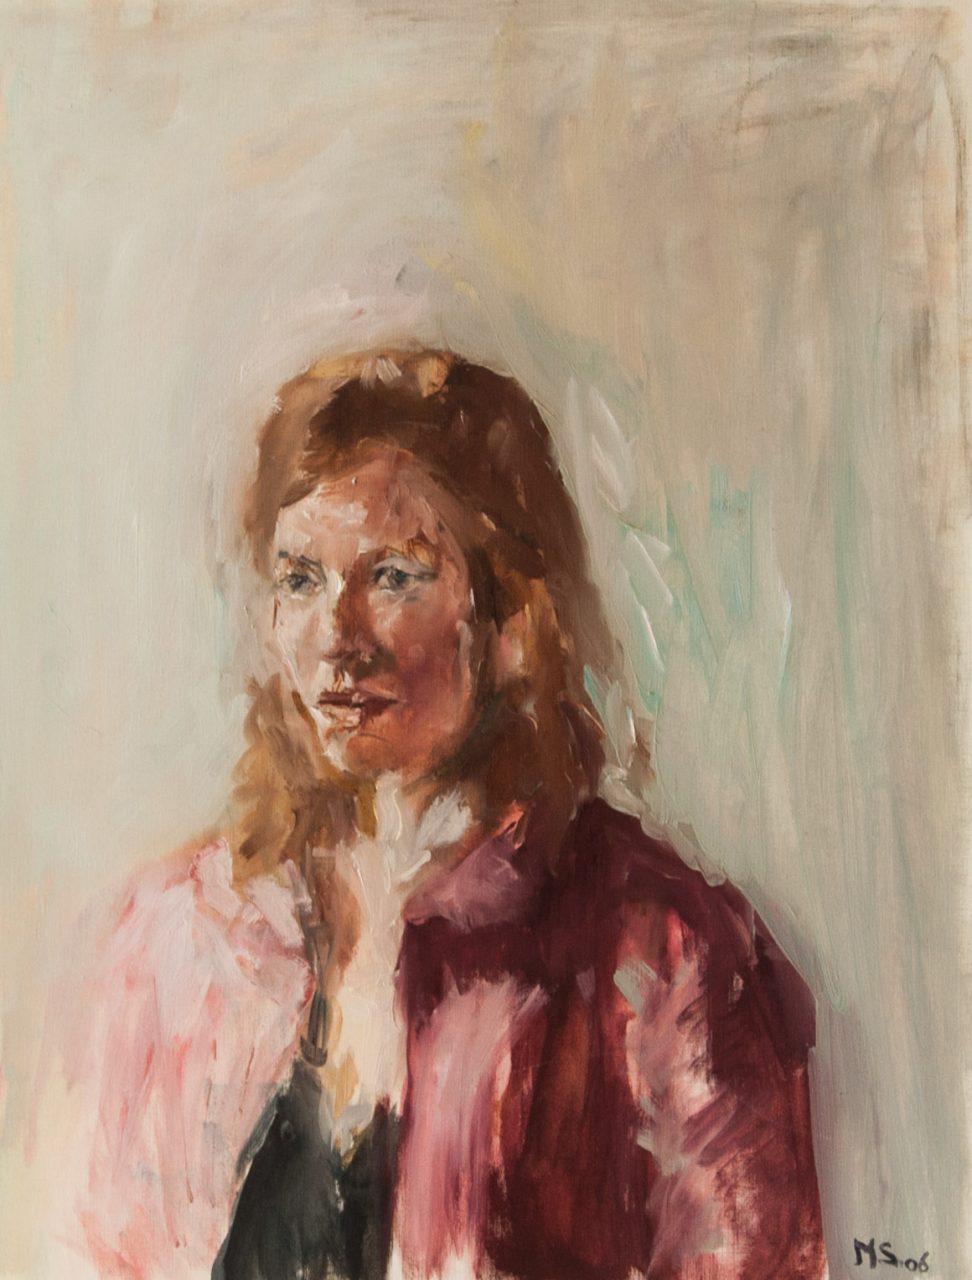 Vrouw met rode jas 2006 olieverf op papier 65 x 50